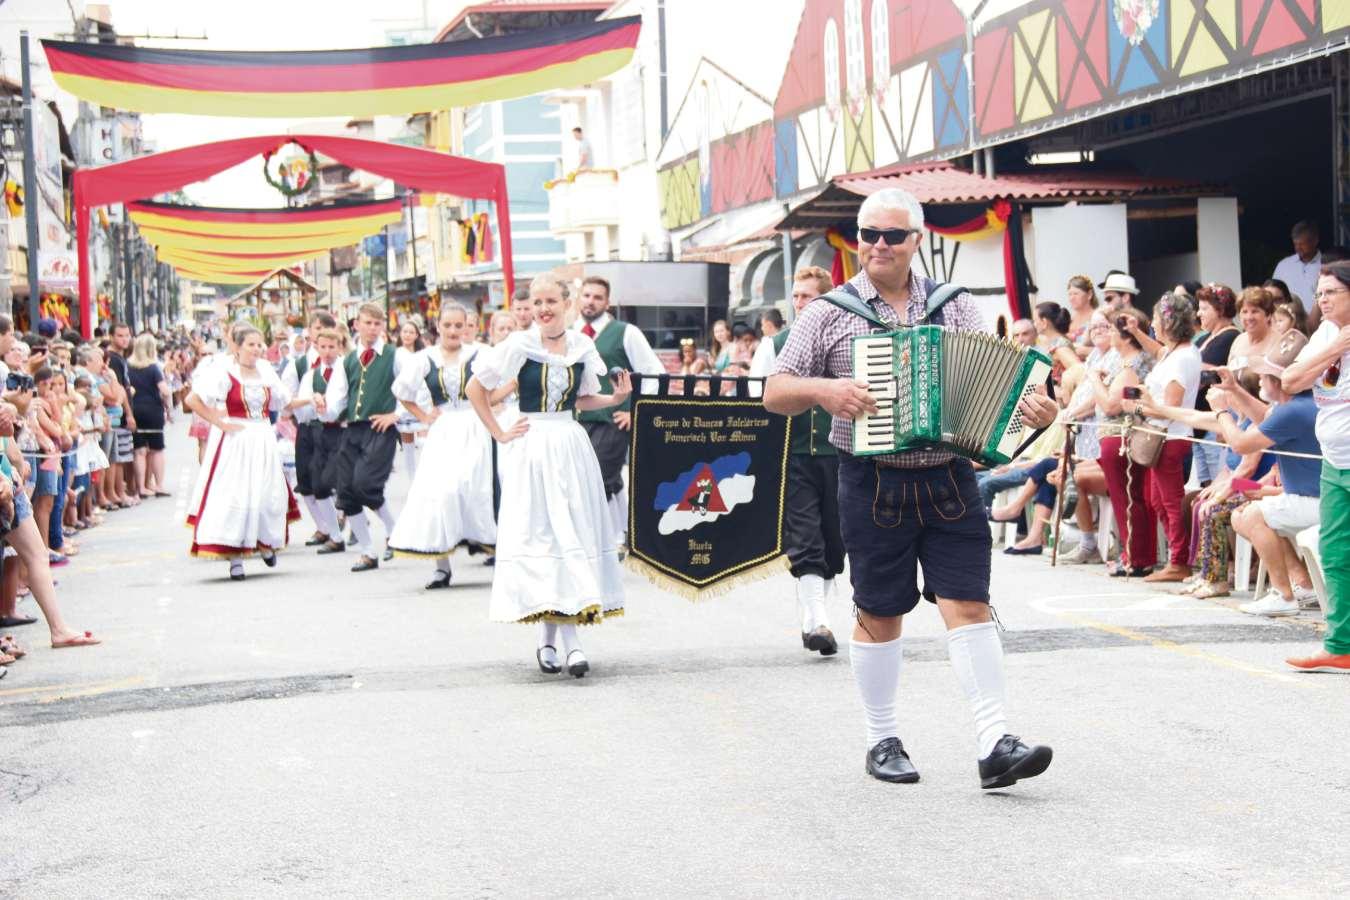 Desfile da Sommerfest, em Domingos Martins. Crédito: Divulgação/Prefeitura de Domingos Martins